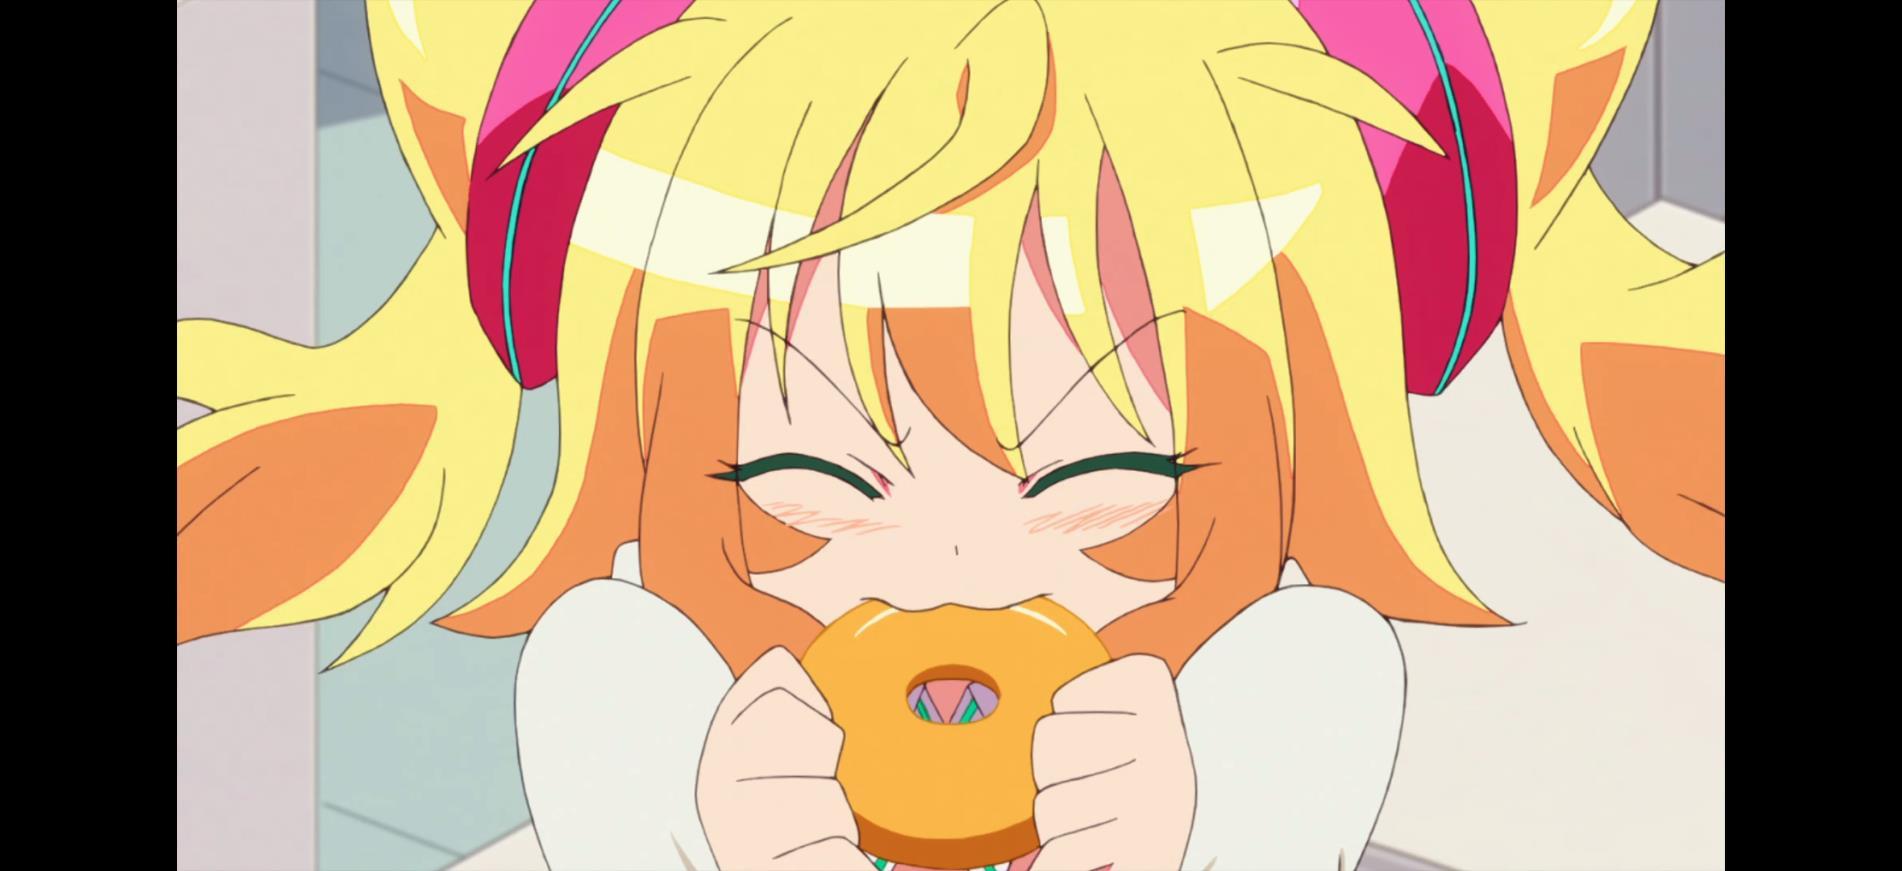 [2.0] Caméos et clins d'oeil dans les anime et mangas!  - Page 9 795291HorribleSubsHackadolltheAnimation071080pmkvsnapshot053920151115220207